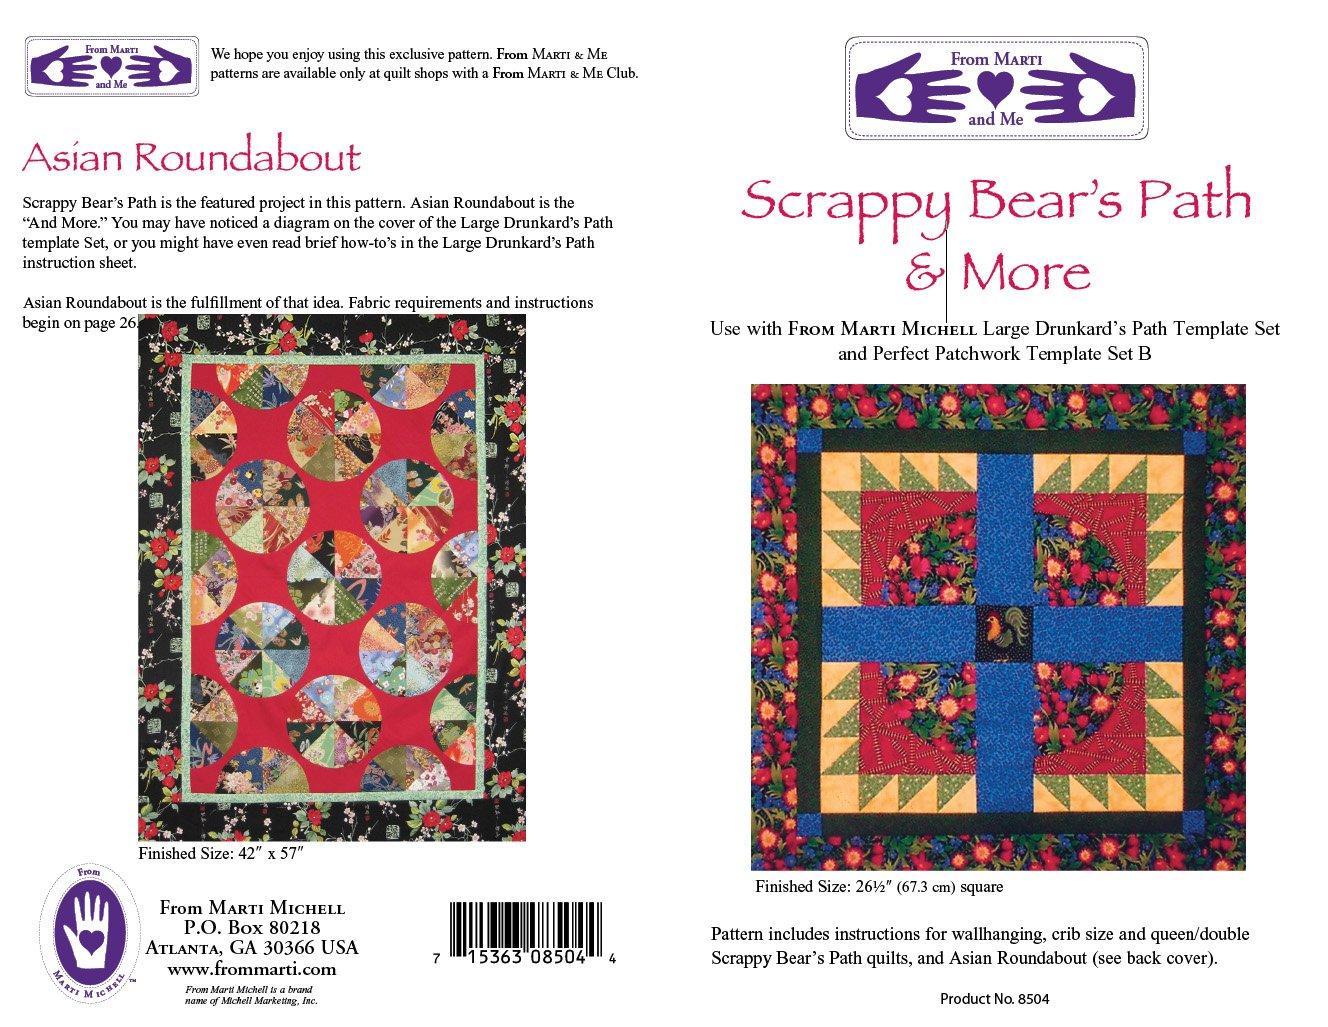 Scrappy Bear's Path & More Pattern Marti Michell